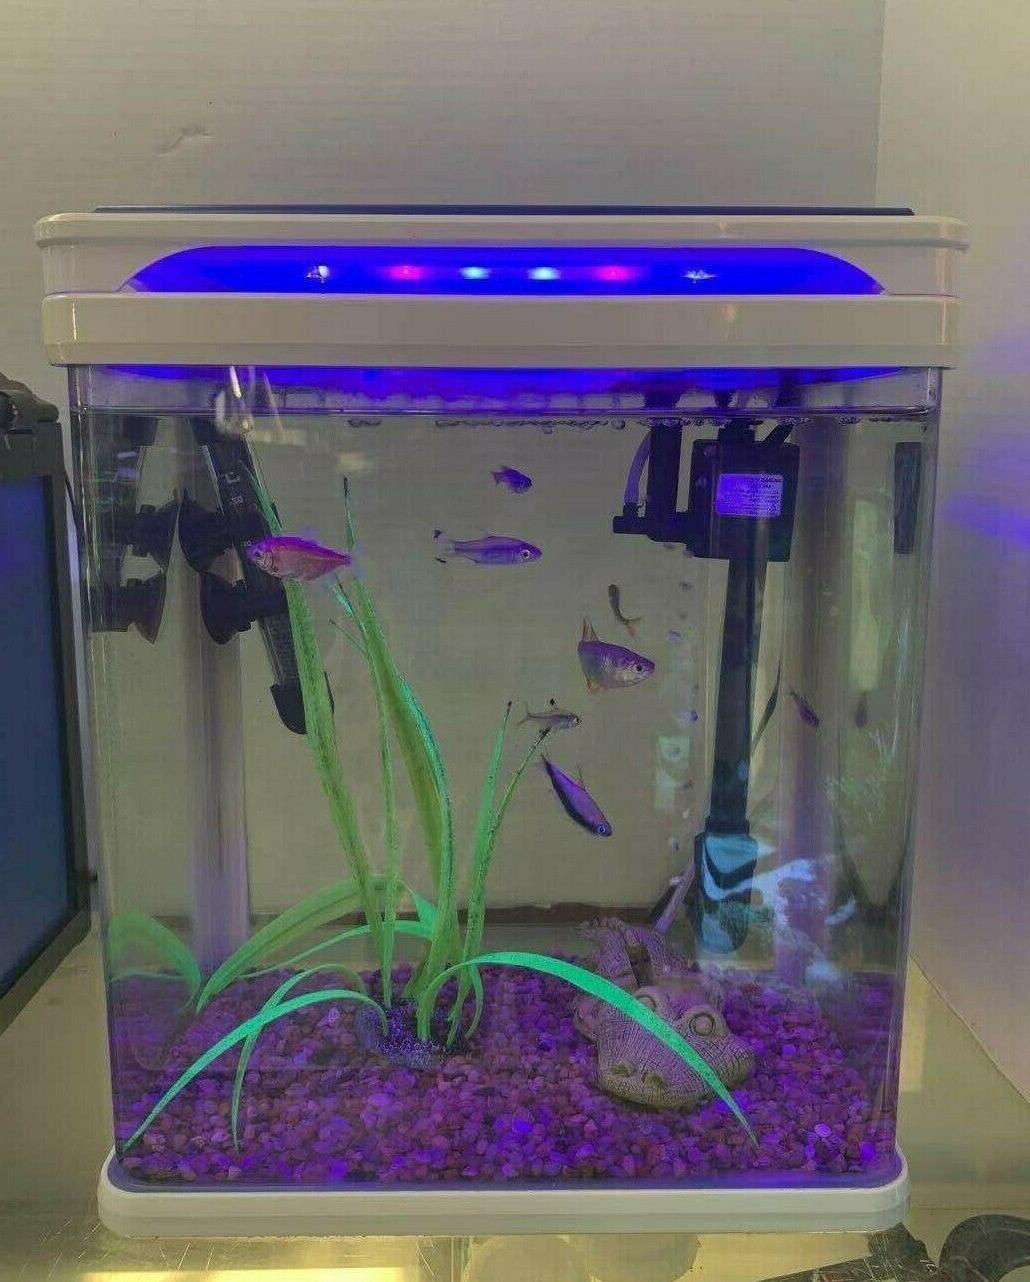 Camry Q3-320 5 aquarium